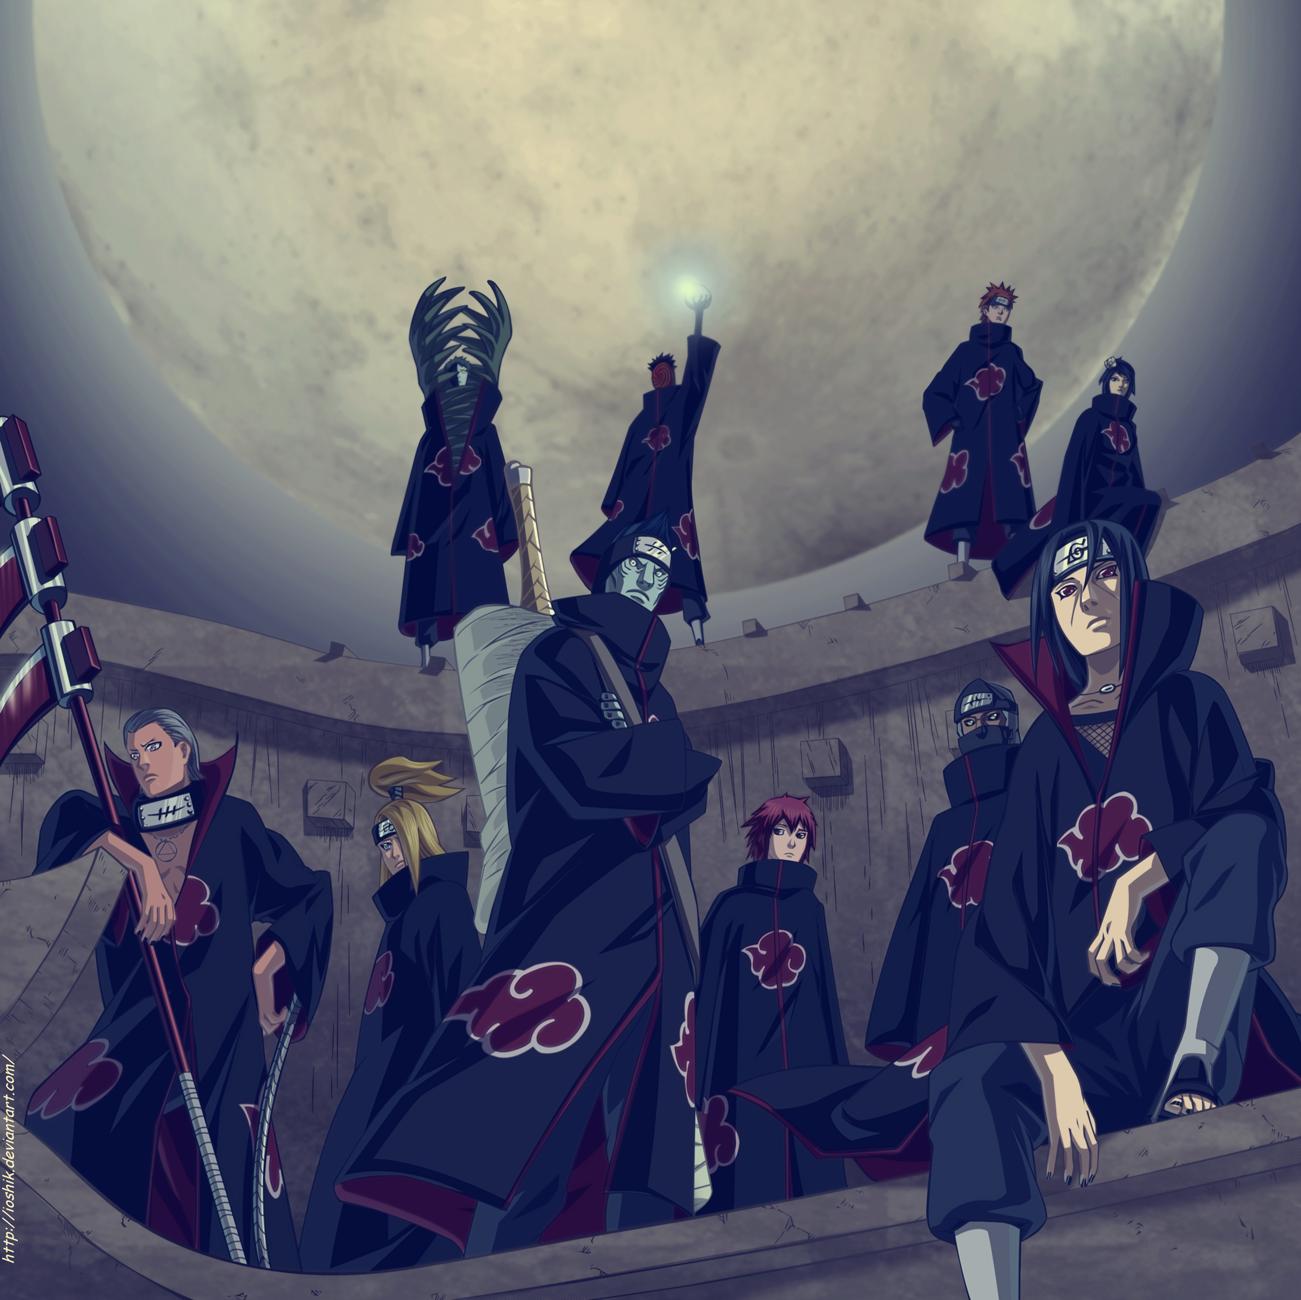 http://2.bp.blogspot.com/-hoSj-2JIfP8/UBkGUQLb1SI/AAAAAAAAE-M/B-CSECGO1pI/s1600/akatsuki-hidan-kakuzu-sasori-itachi-zetsu-tobi-pein-yahiko-nagato-konan-kisame-deidara-Masashi-Kishimoto-Naruto-the-Movie-Road-to-Ninja.png